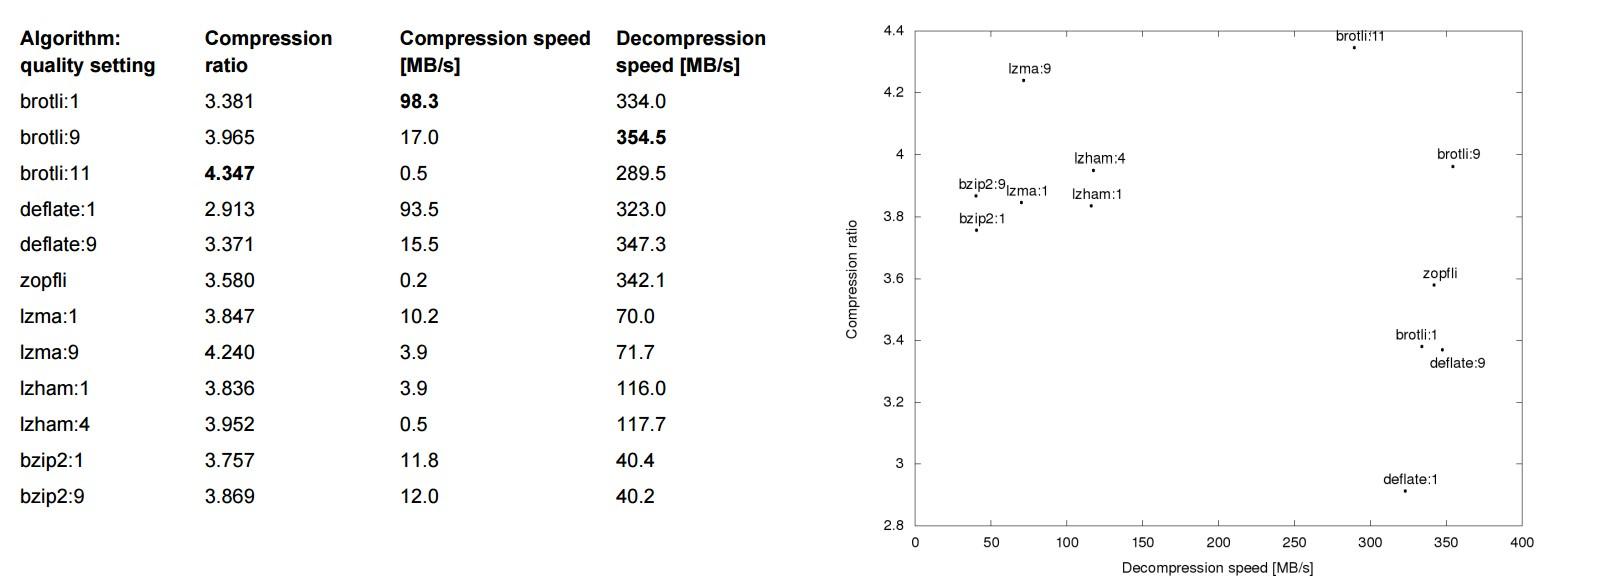 אלגוריתם Brotli בגירסאותיו העדכניות ניצב הרבה מעל המתחרים האלטרנטיביים